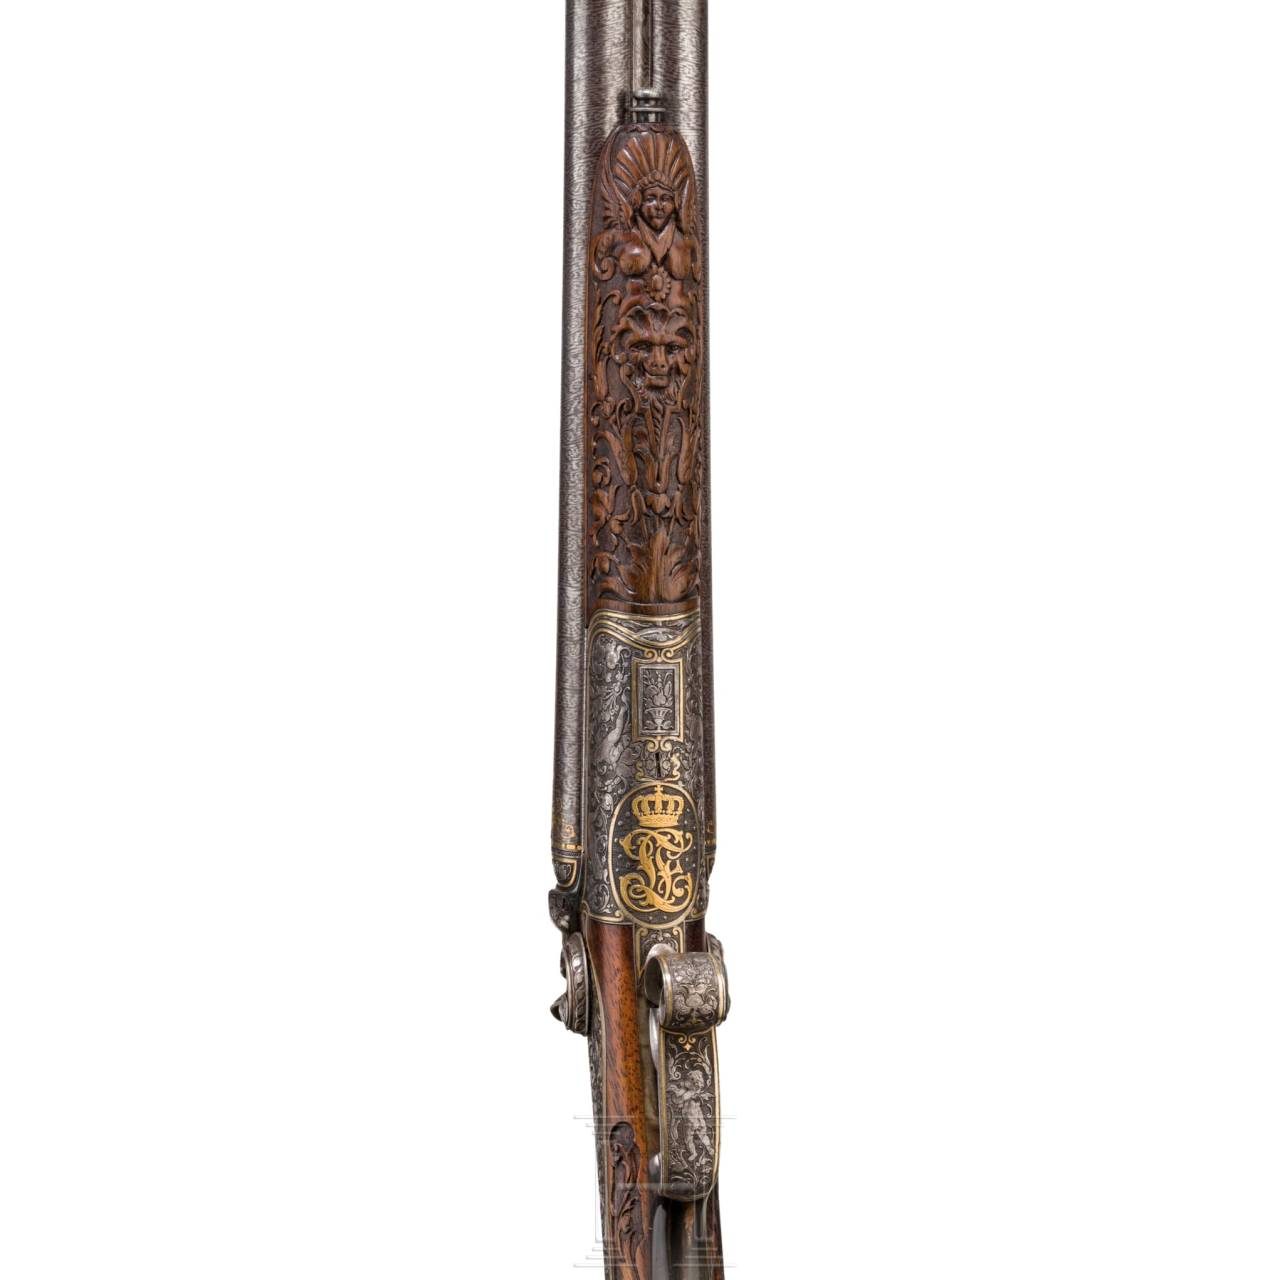 Luxus-Hahndoppelflinte L. Dieter, München, aus dem Besitz von Prinz Ludwig Ferdinand von Bayern, Ende 19. Jhdt.